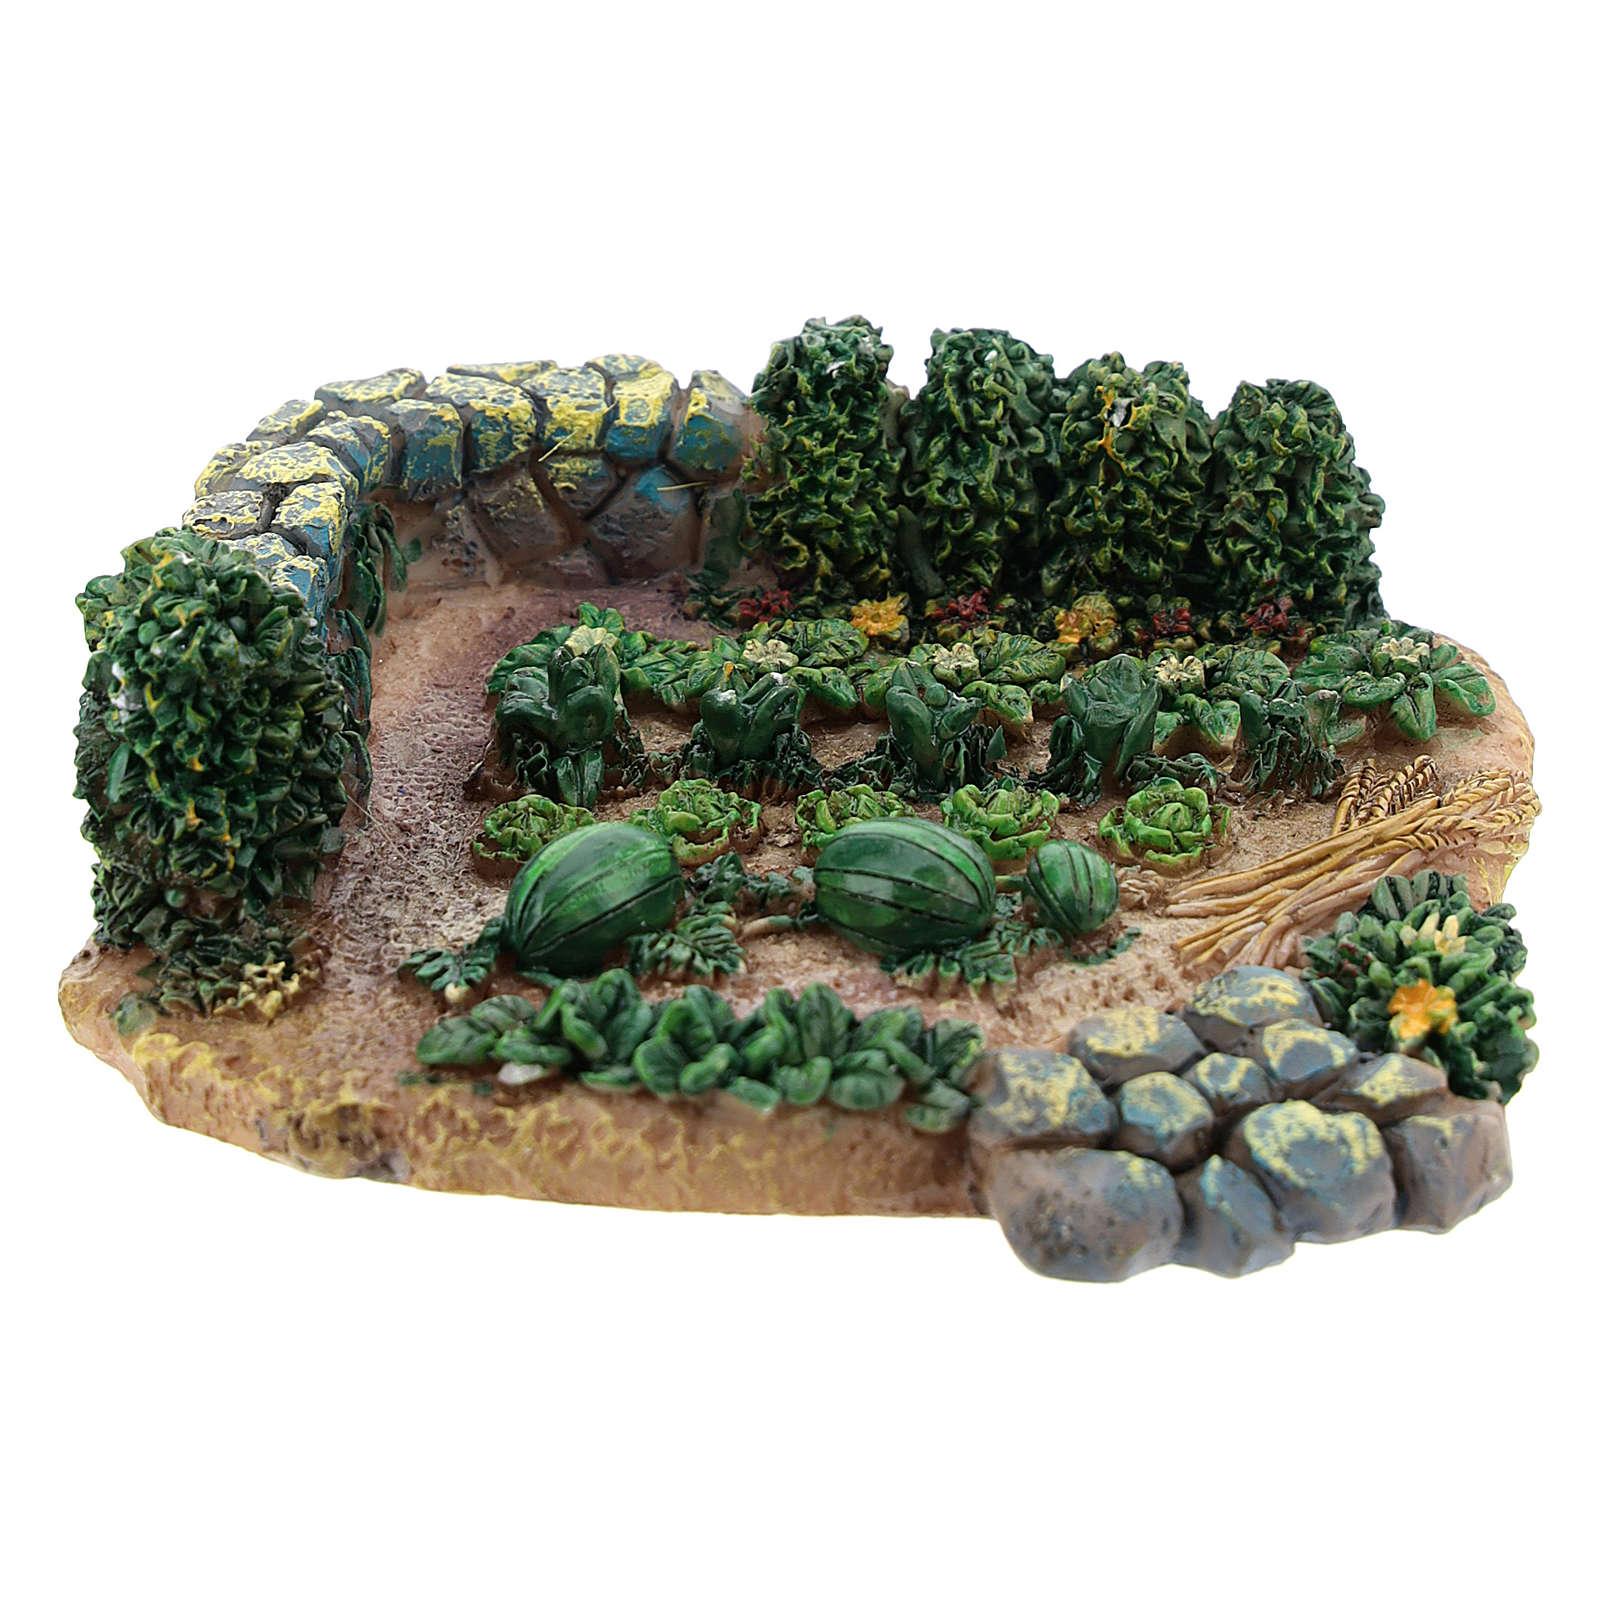 Horta de 2x9x9 cm em resina para presépio com peças de 6-8 cm de altura média 4